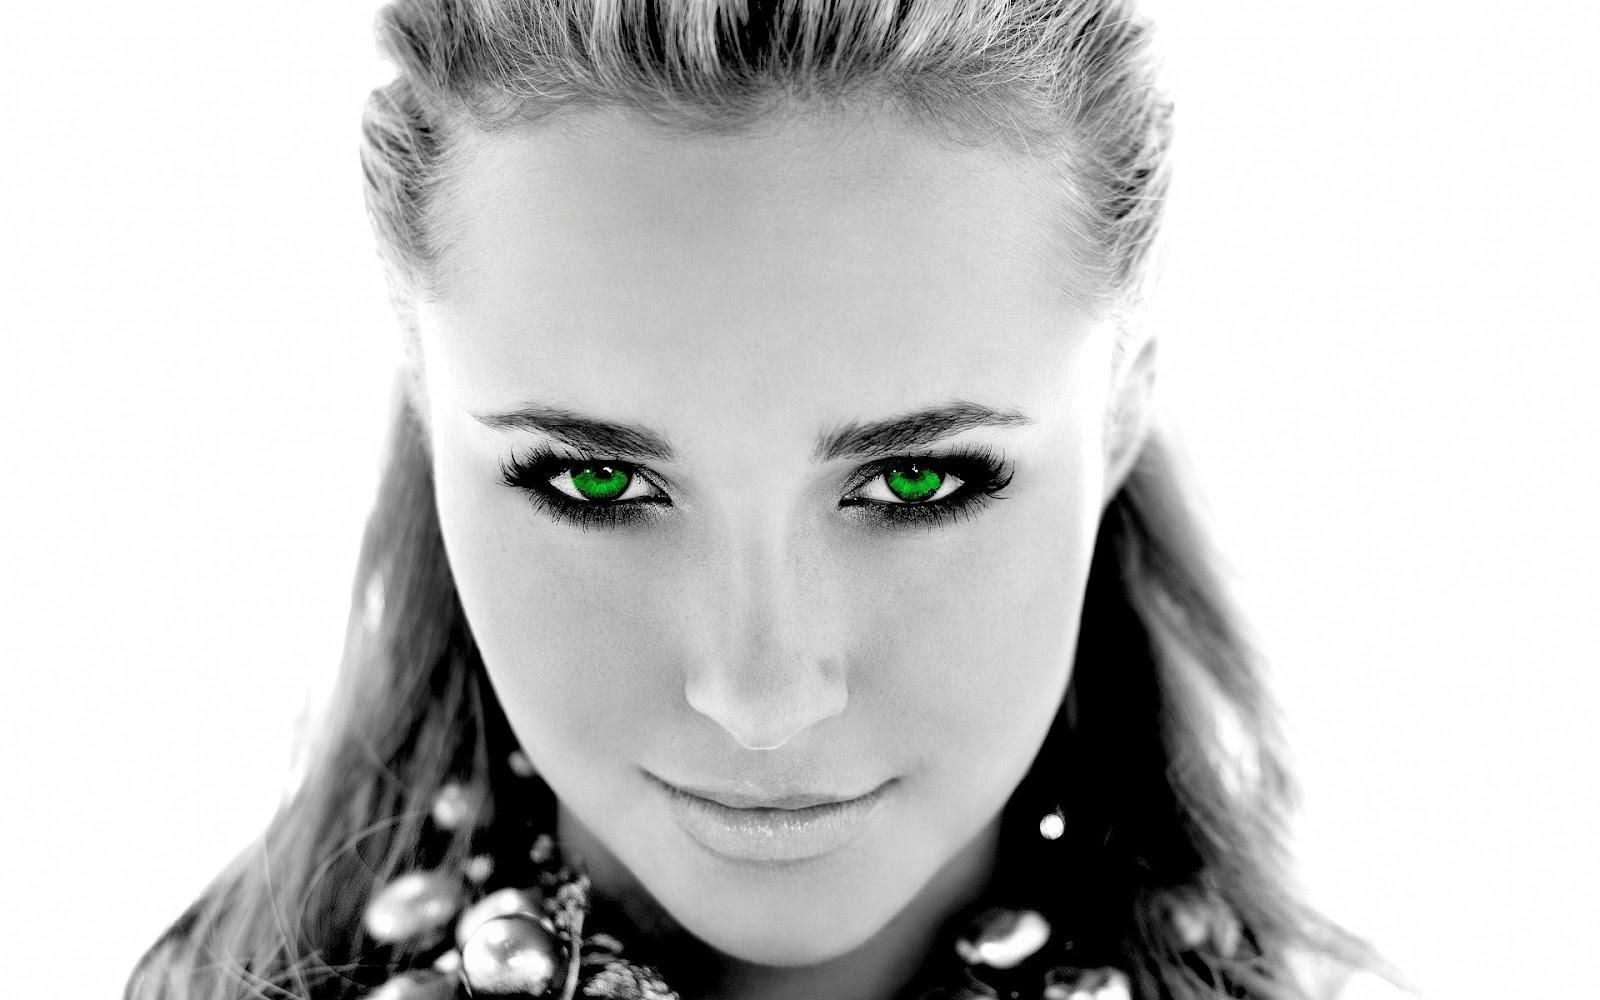 http://4.bp.blogspot.com/-8Jcn2KhxTGg/T7vEBHW9Z1I/AAAAAAAAAAU/iioXqH_fgLk/s1600/Angel+eyes+beautyfull+glamour+model+and+best+pop+queen+black+and+white+eyes+green+closeup+wallpapers+free+download+wallpapers.jpg